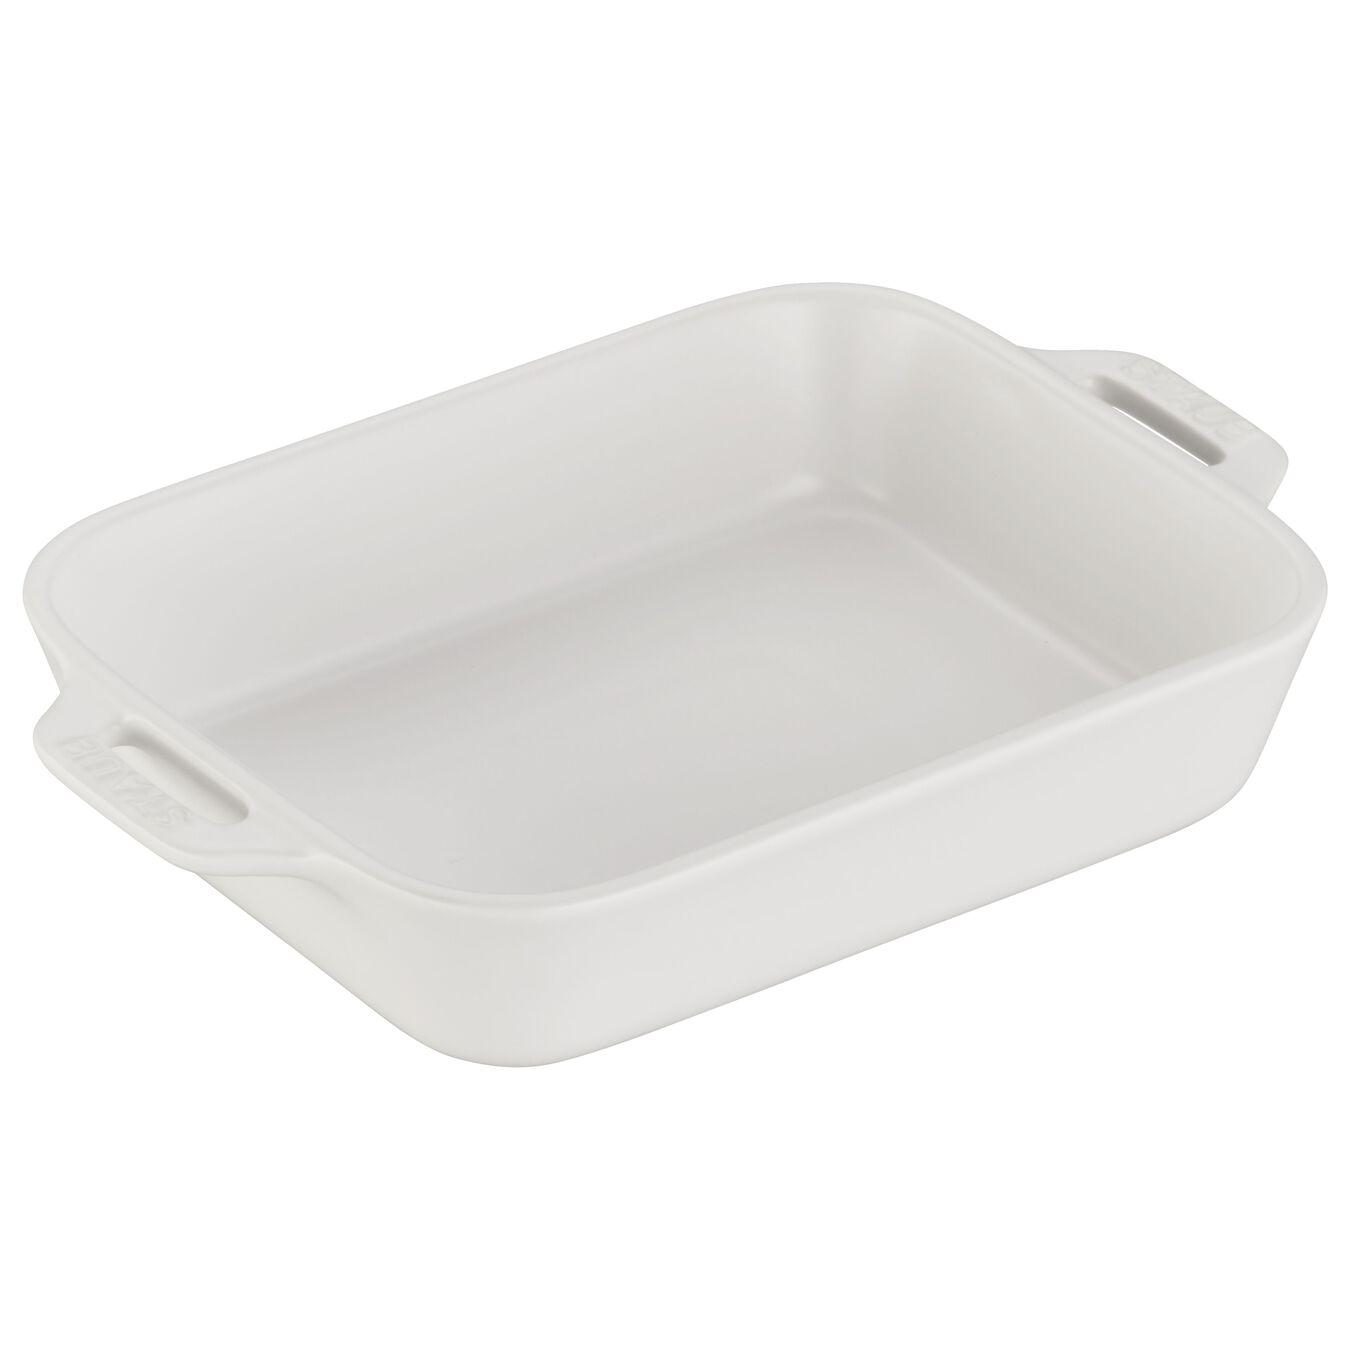 7.5-inch x 6-inch Rectangular Baking Dish - Matte White,,large 1